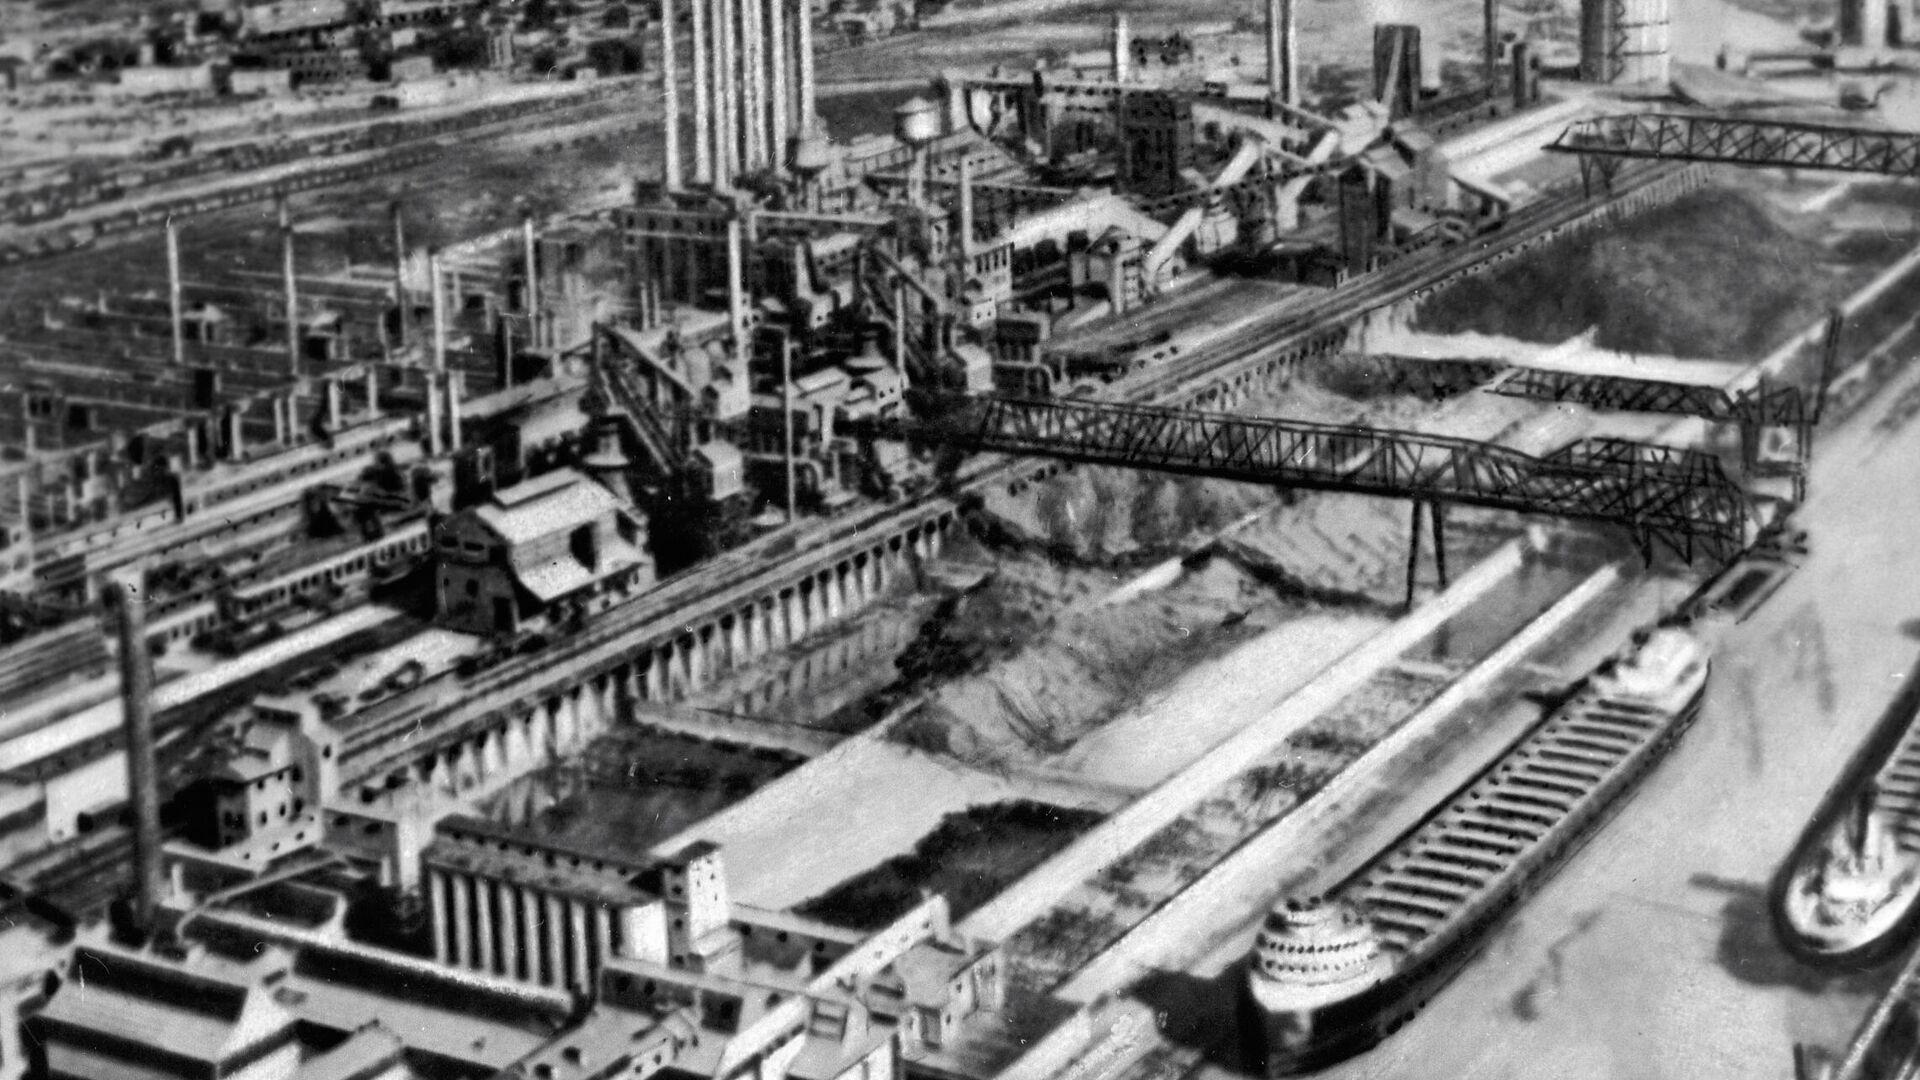 Заводы Генри Форда - РИА Новости, 1920, 07.03.2021